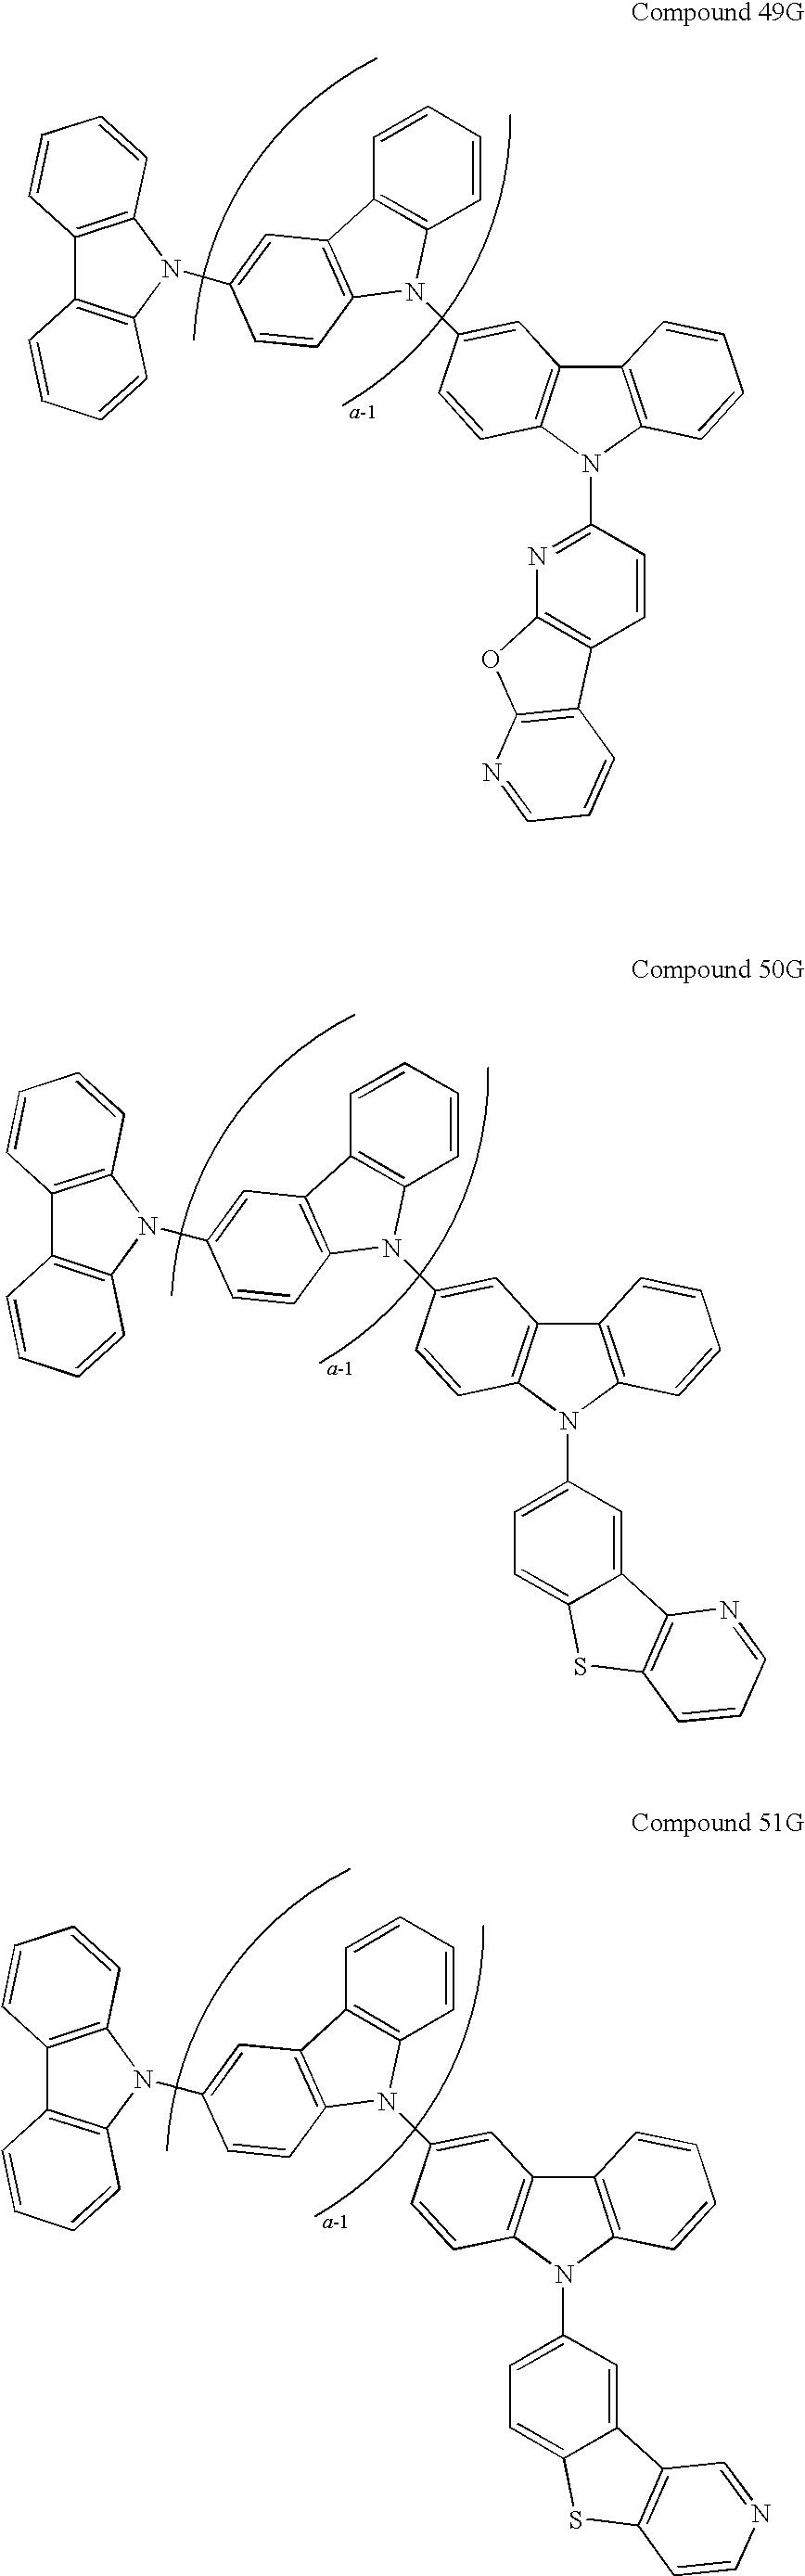 Figure US20090134784A1-20090528-C00160